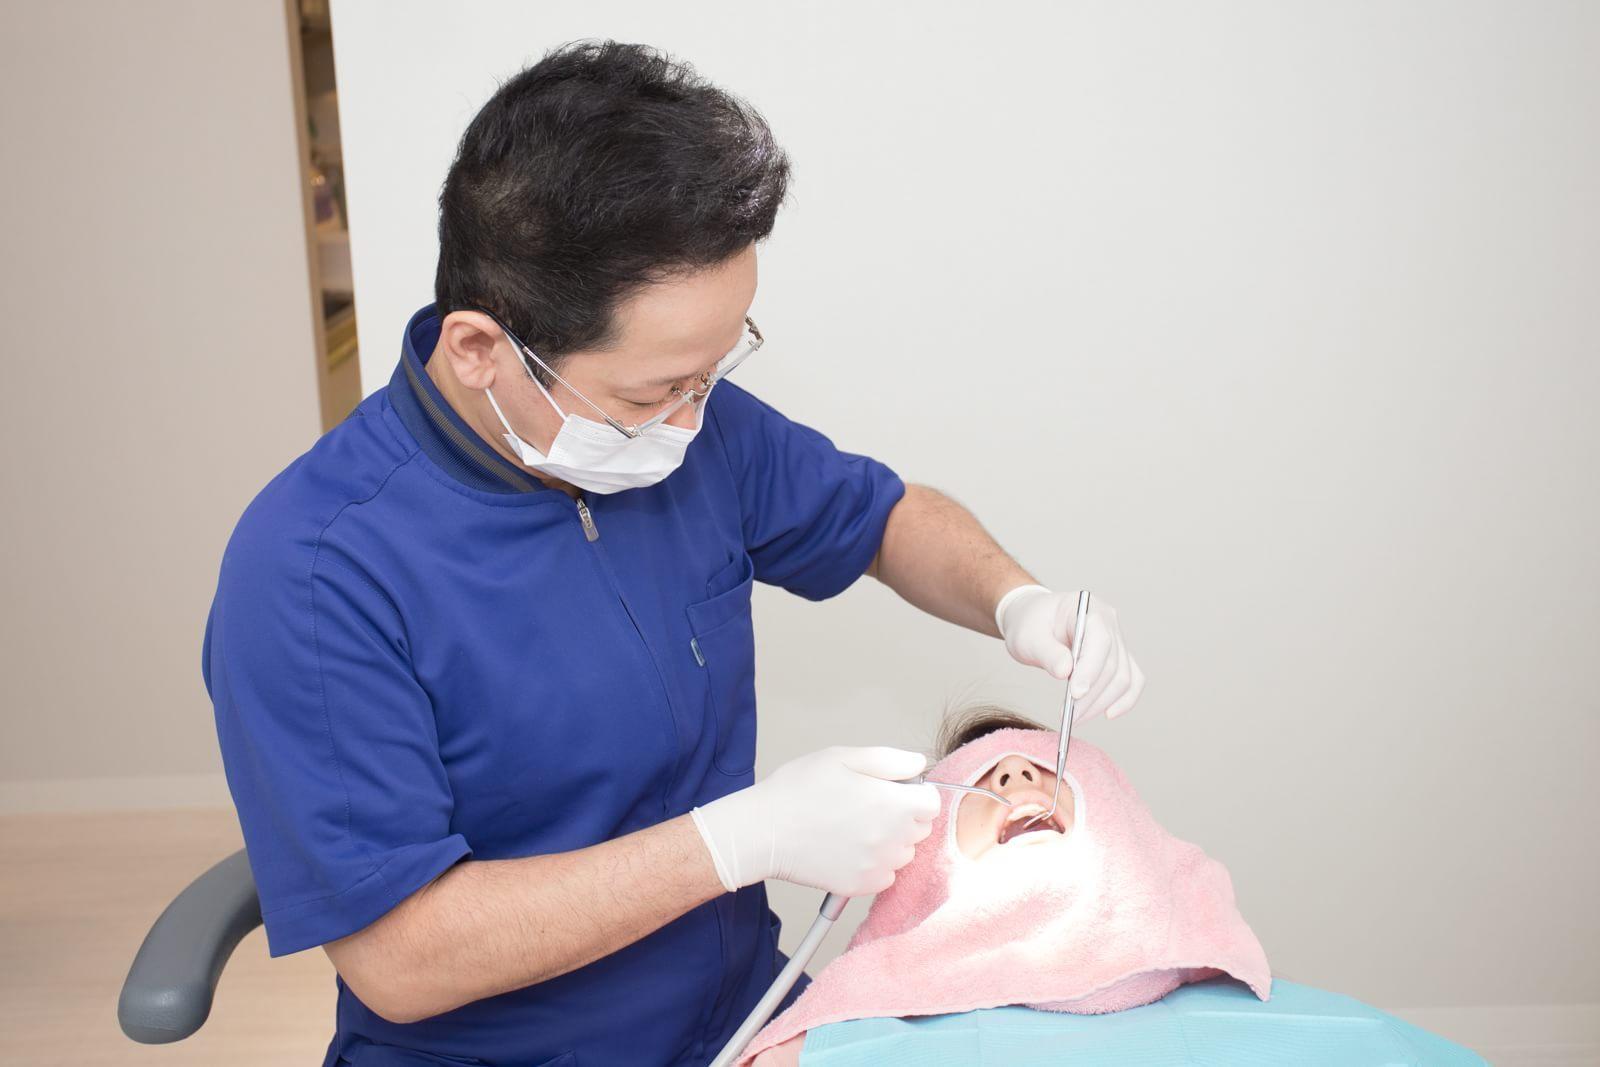 伊勢原駅 南口徒歩 1分 いせはらひだまり歯科クリニックのスタッフ写真2